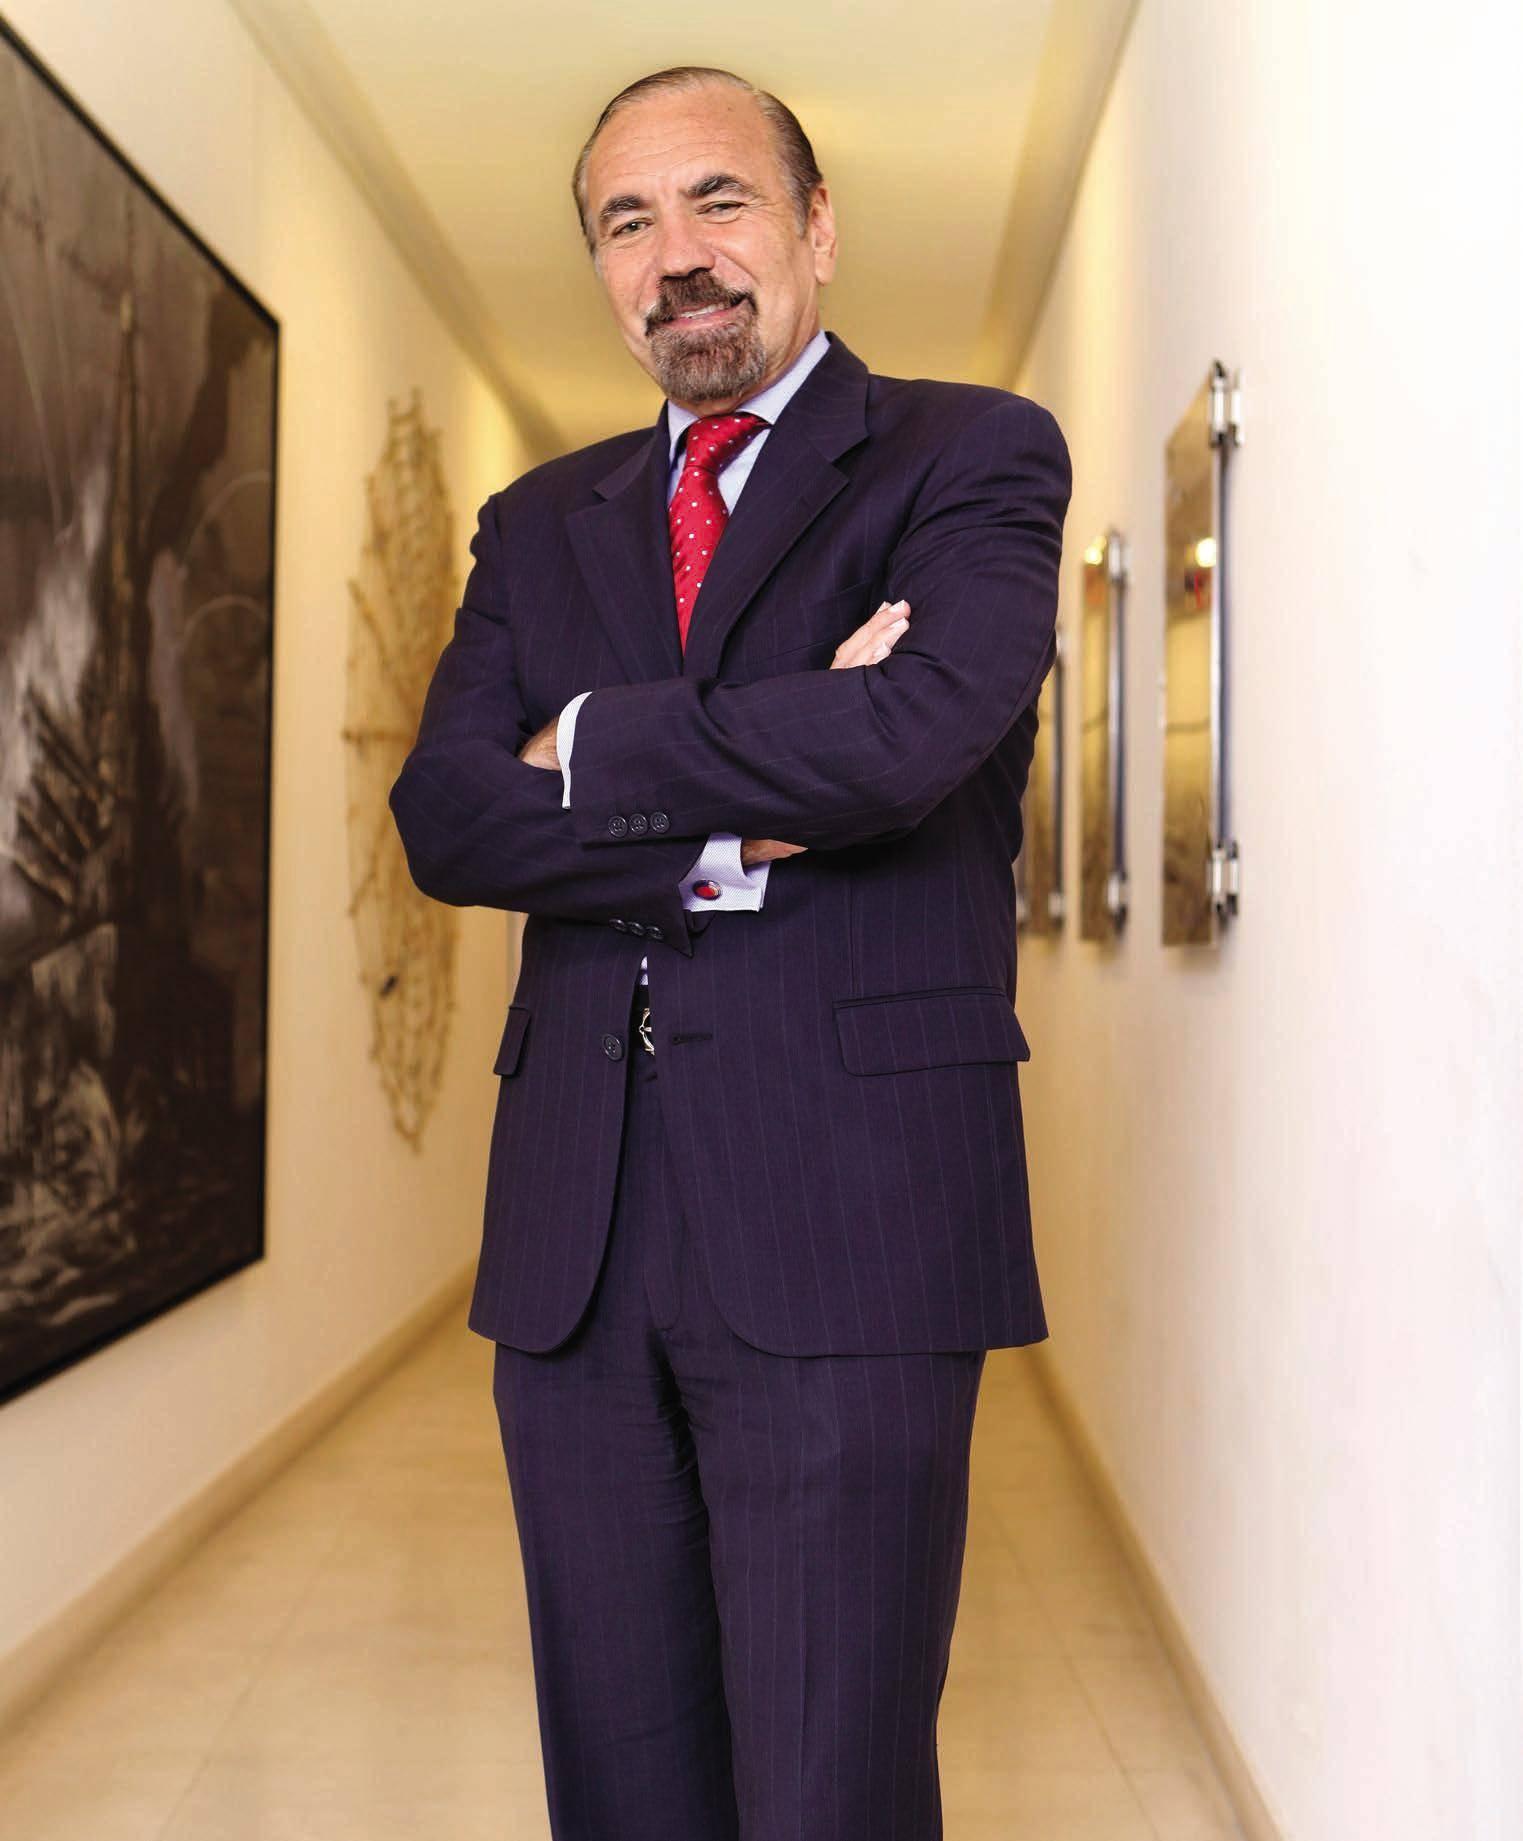 Jorge pérez to gift pamm another million